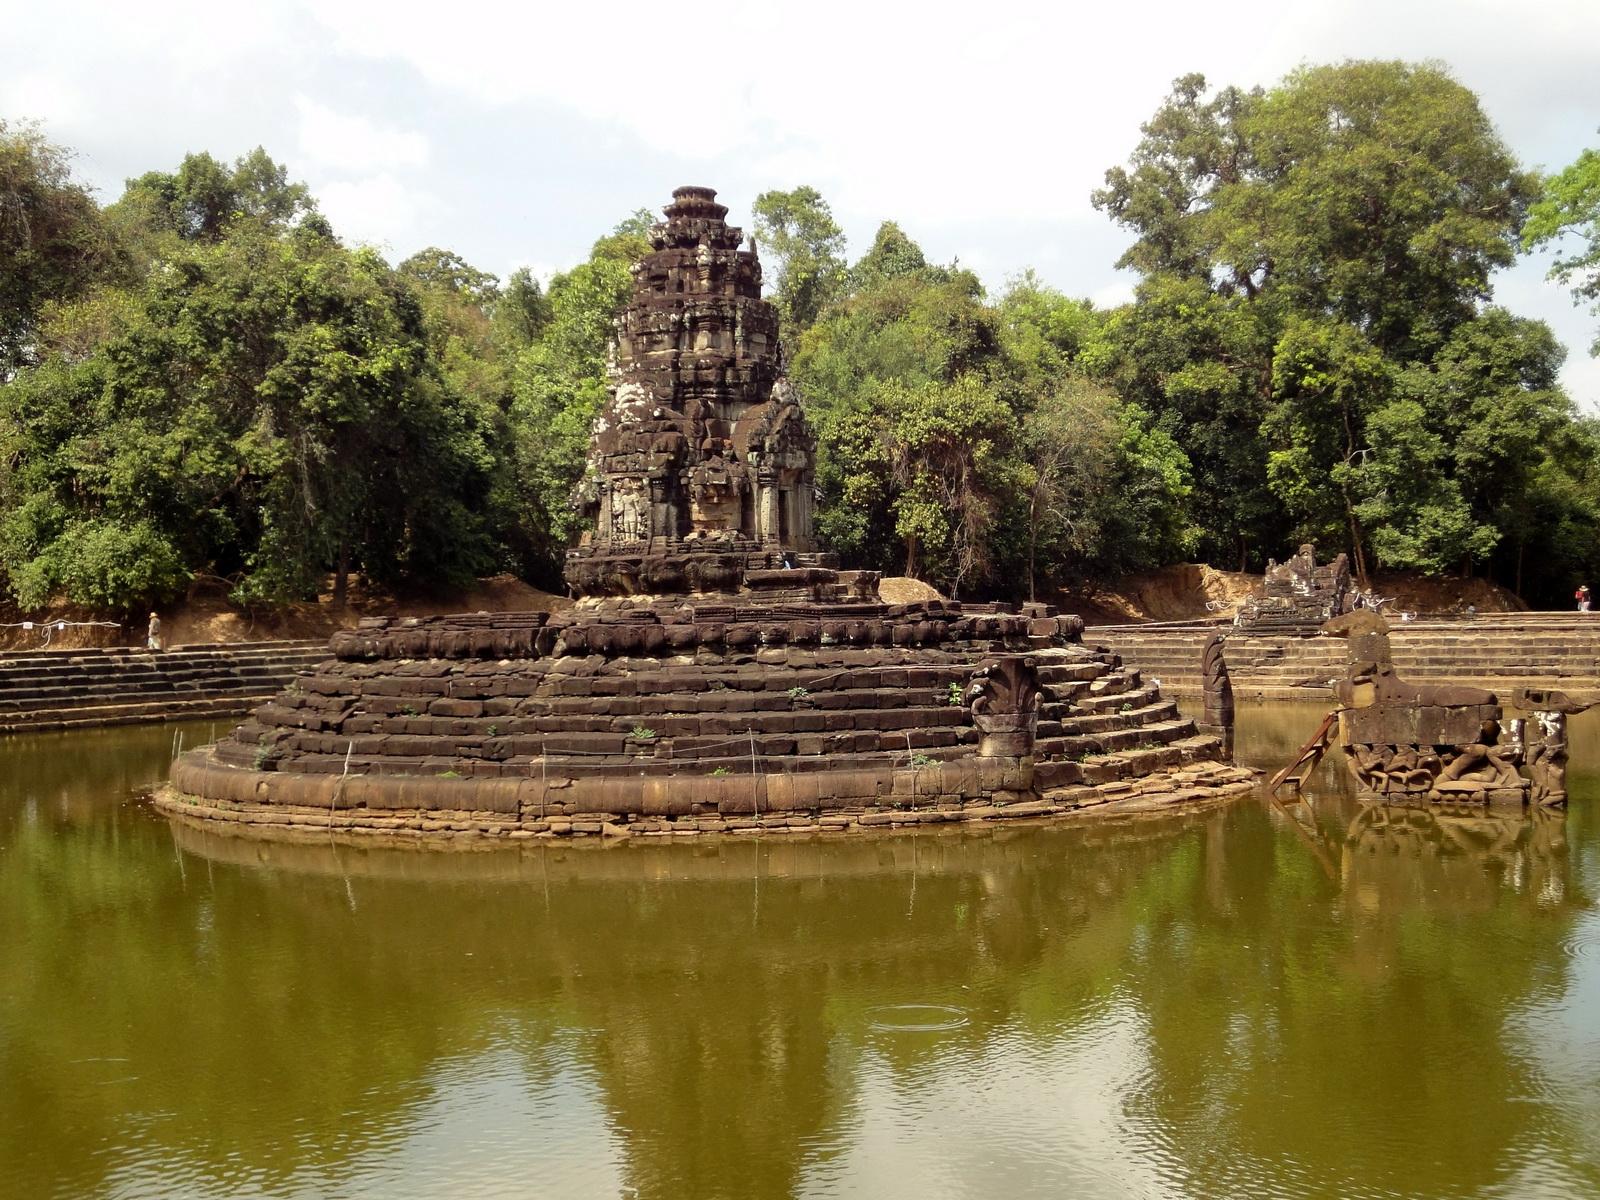 Neak Pean Temple sanctuary and artificial pond 06